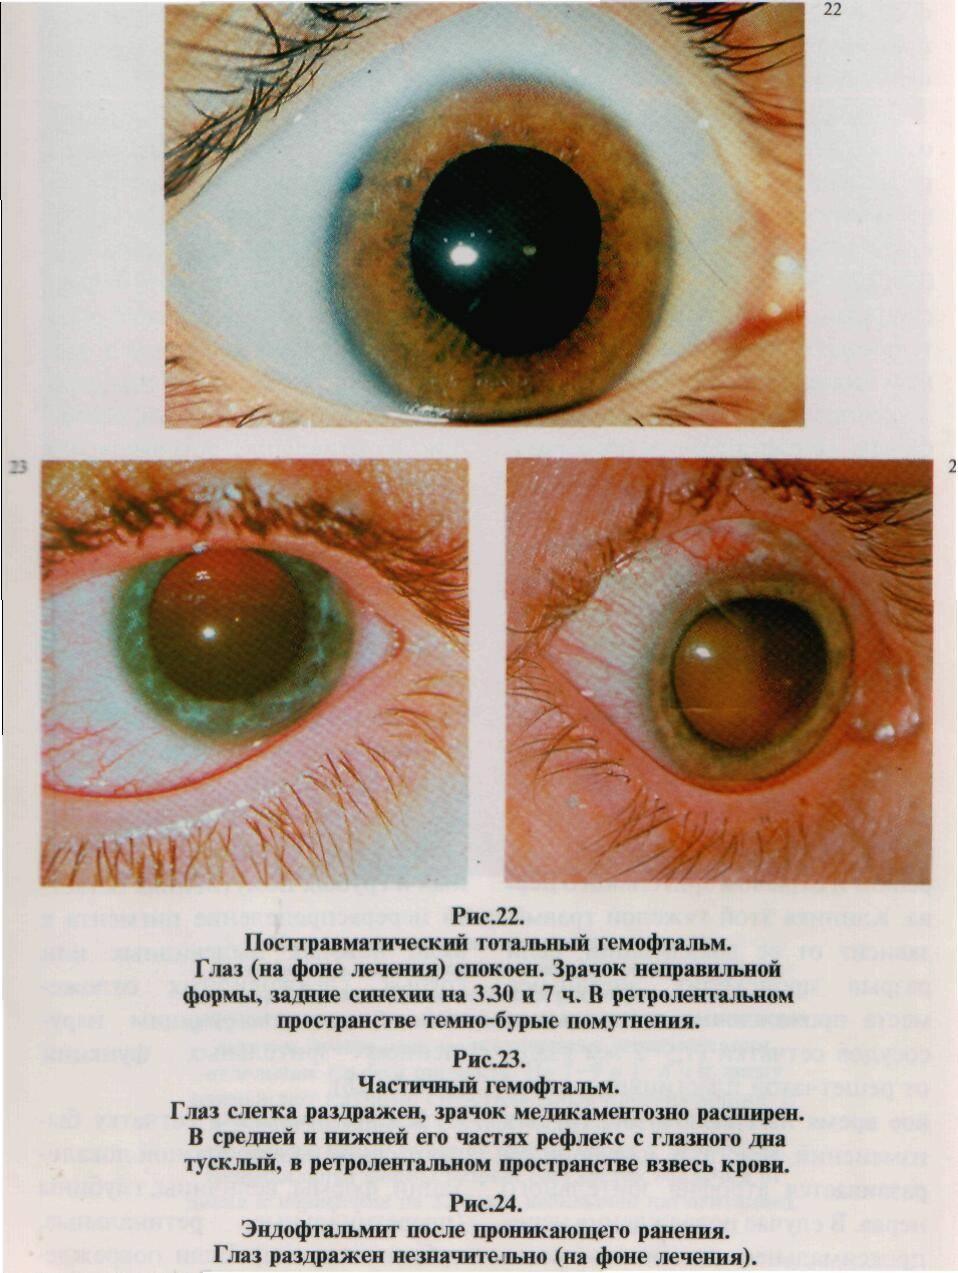 У меня гемофтальм глаза, это опасно?